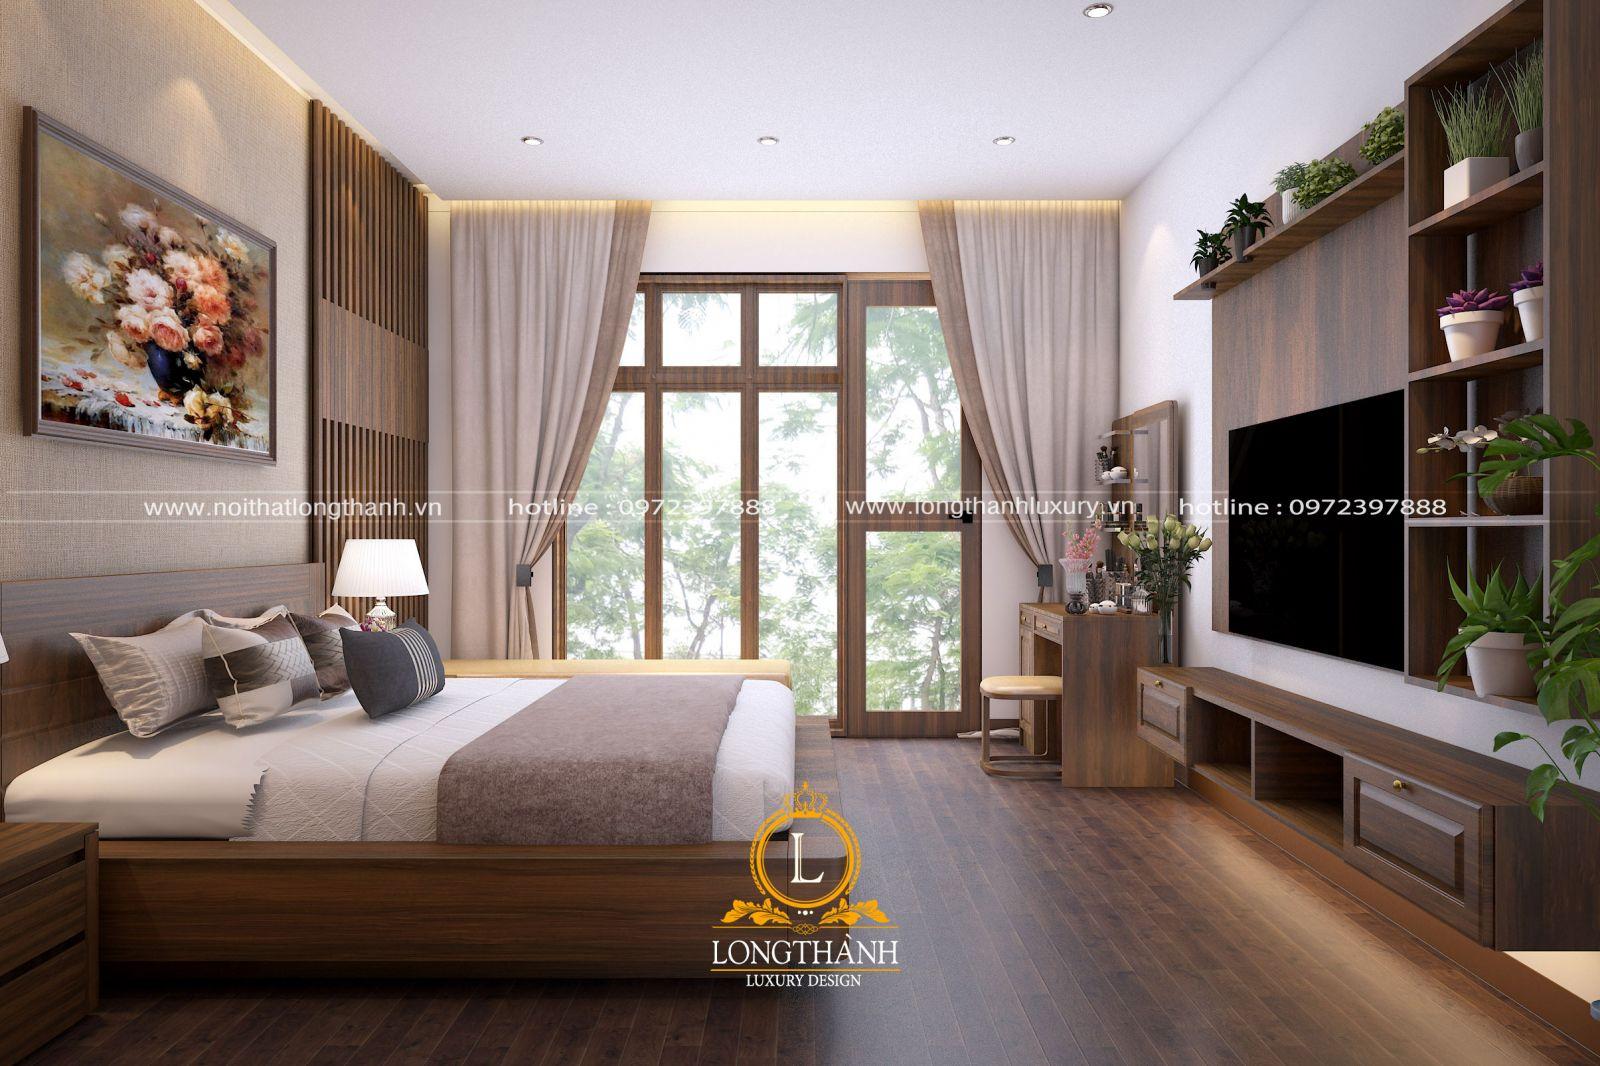 Nội thất được bố trí đơn giản càng làm căn phòng ngủ thêm thông thoáng